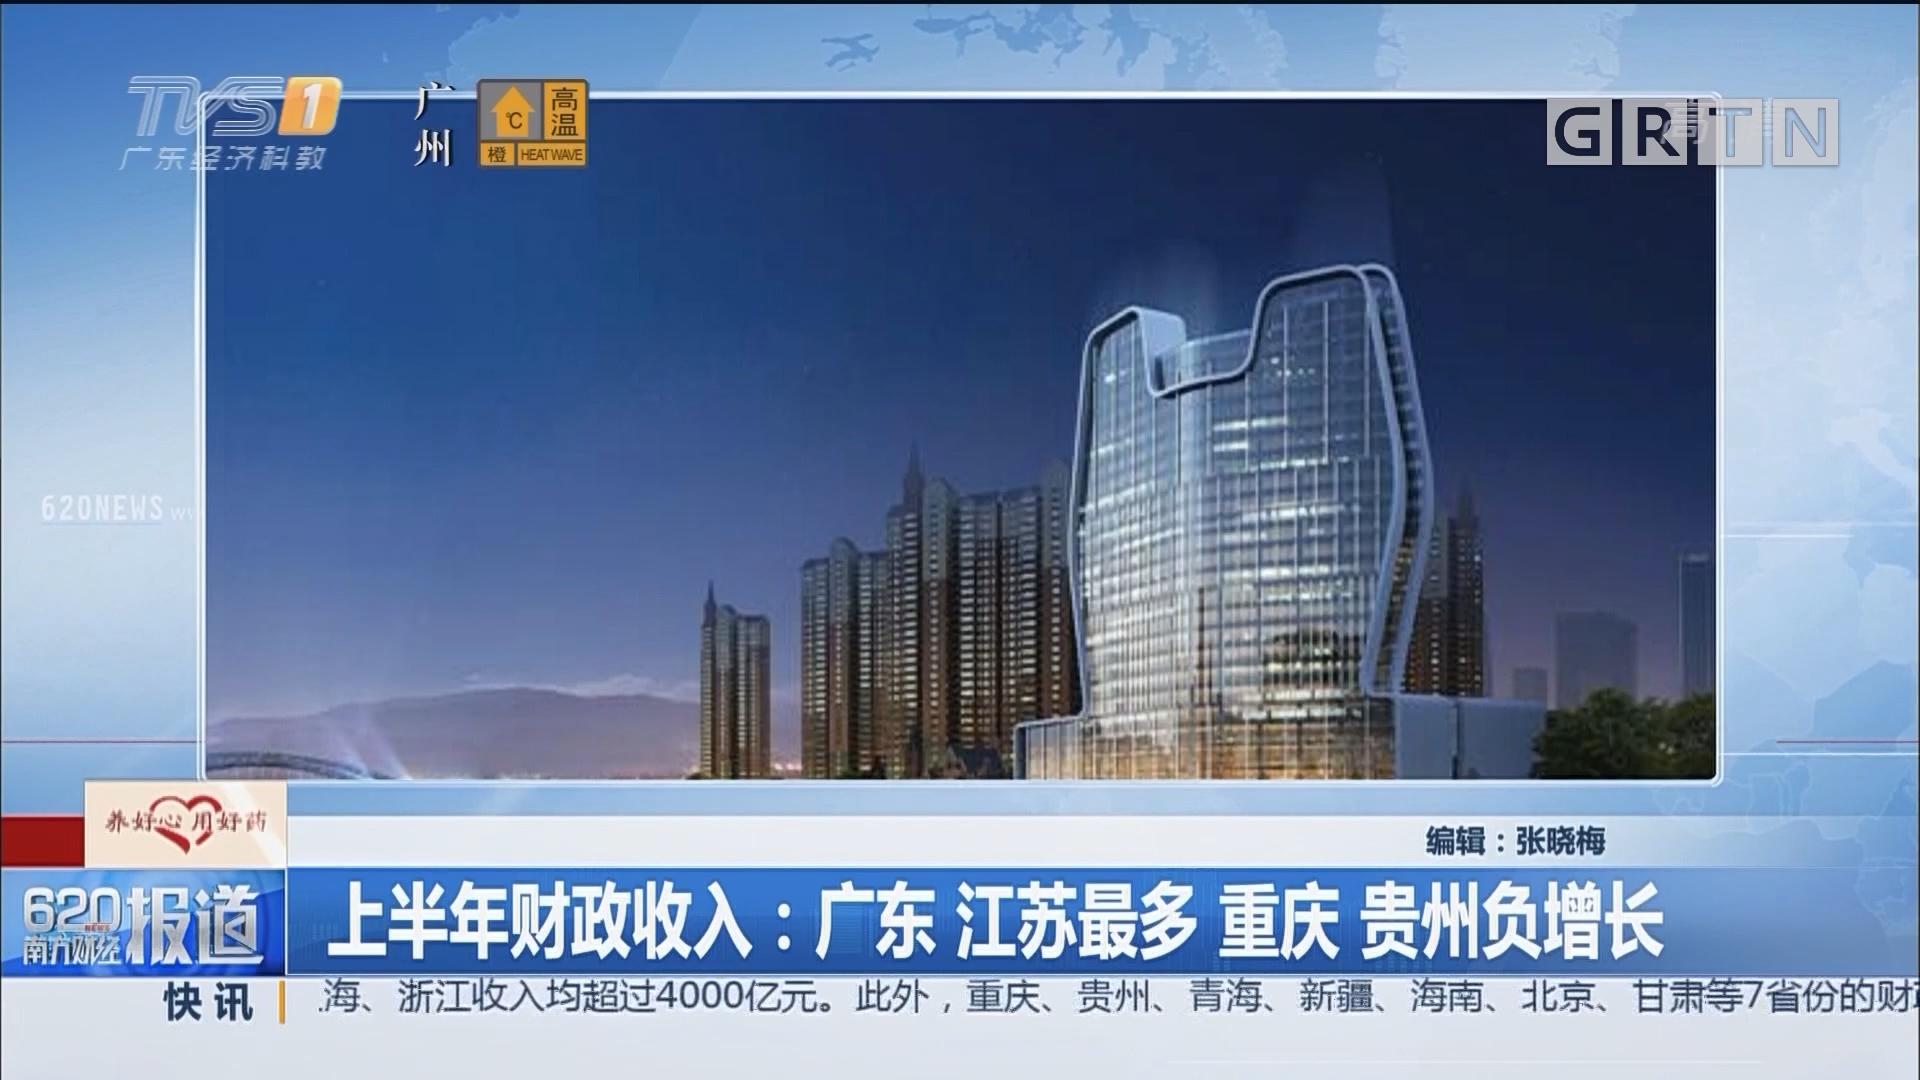 上半年财政收入:广东 江苏最多 重庆 贵州负增长